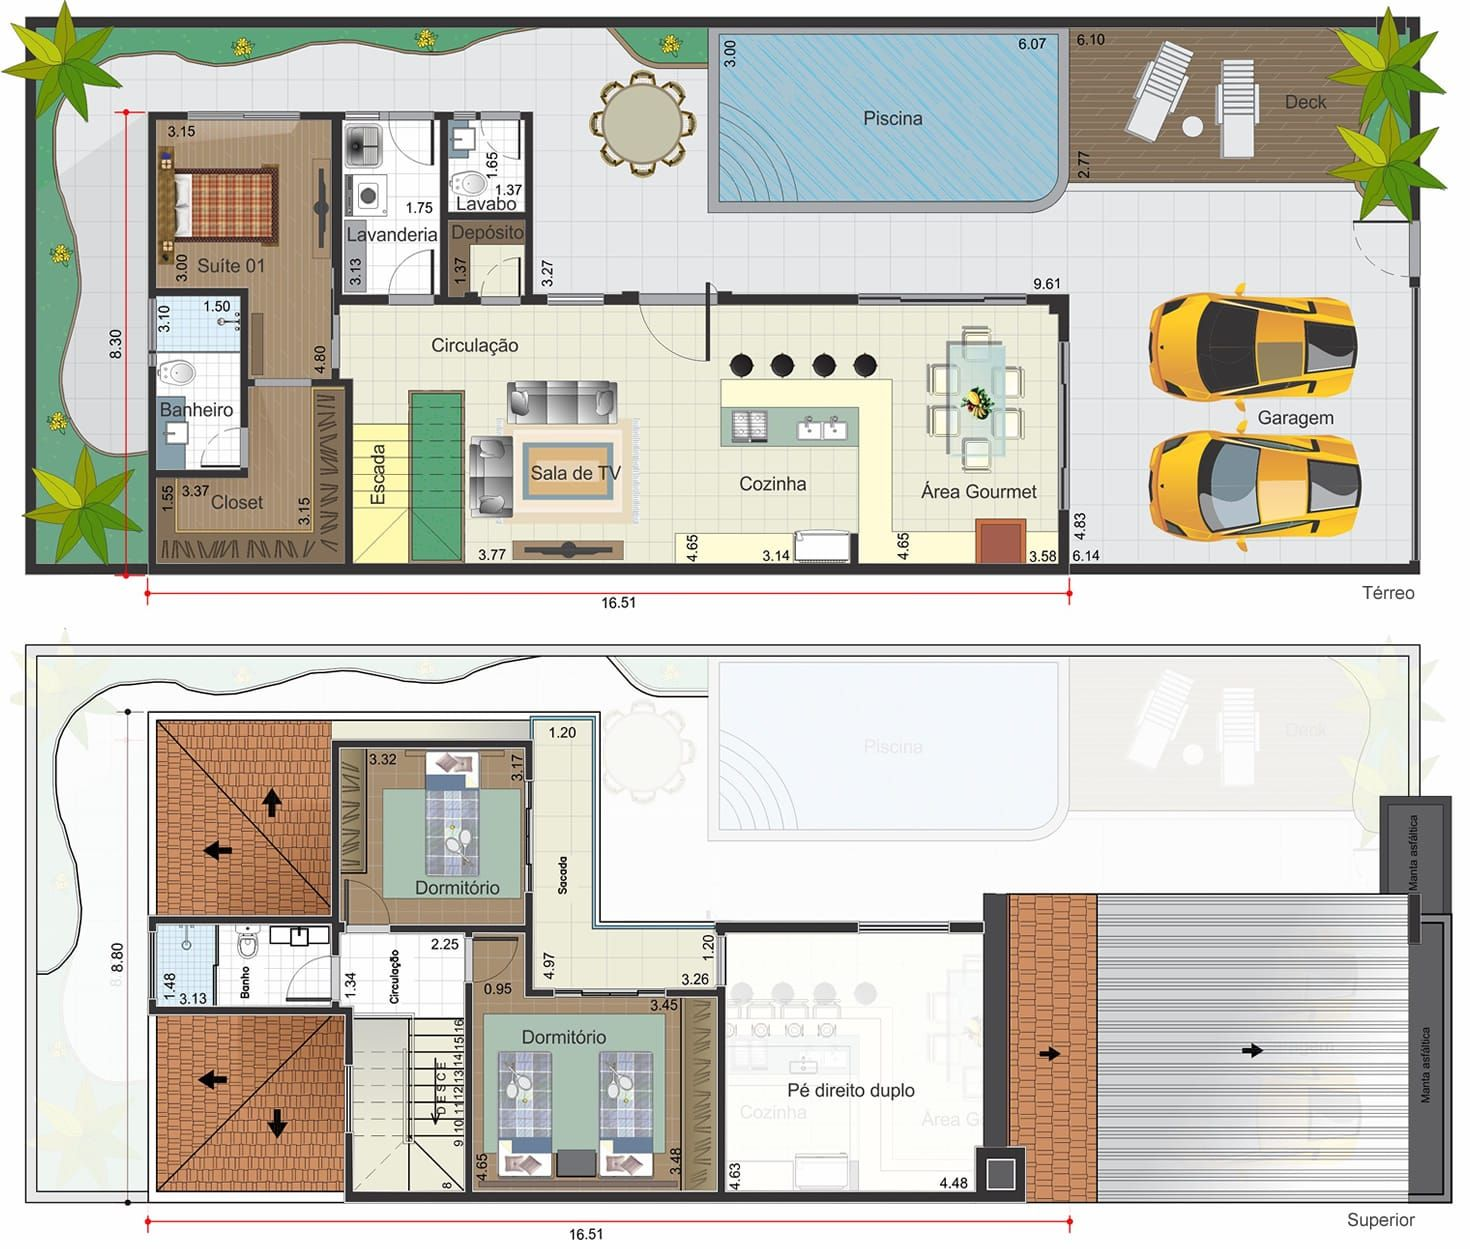 Casa con las habitaciones de la planta baja plano para terreno 10x25 proyectos pinterest - Casas planta baja ...